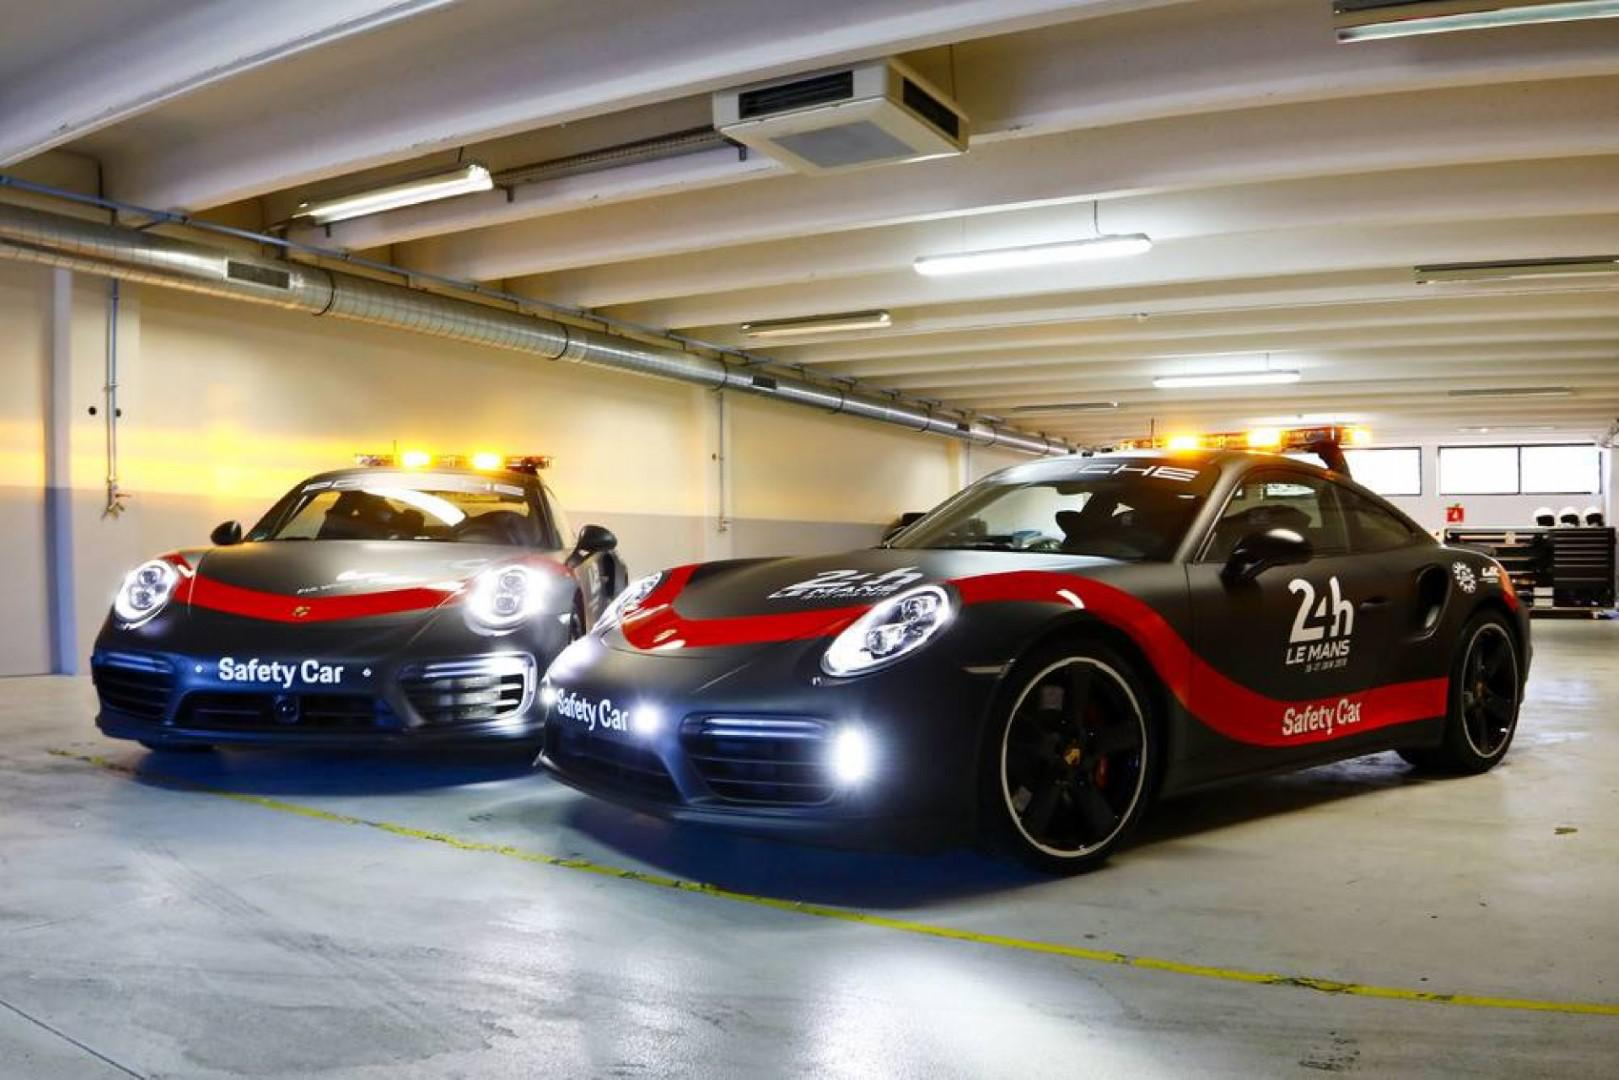 Porsche 911 Turbo : Safety Car du FIA WEC et des 24 heures du Mans jusqu'en 2020